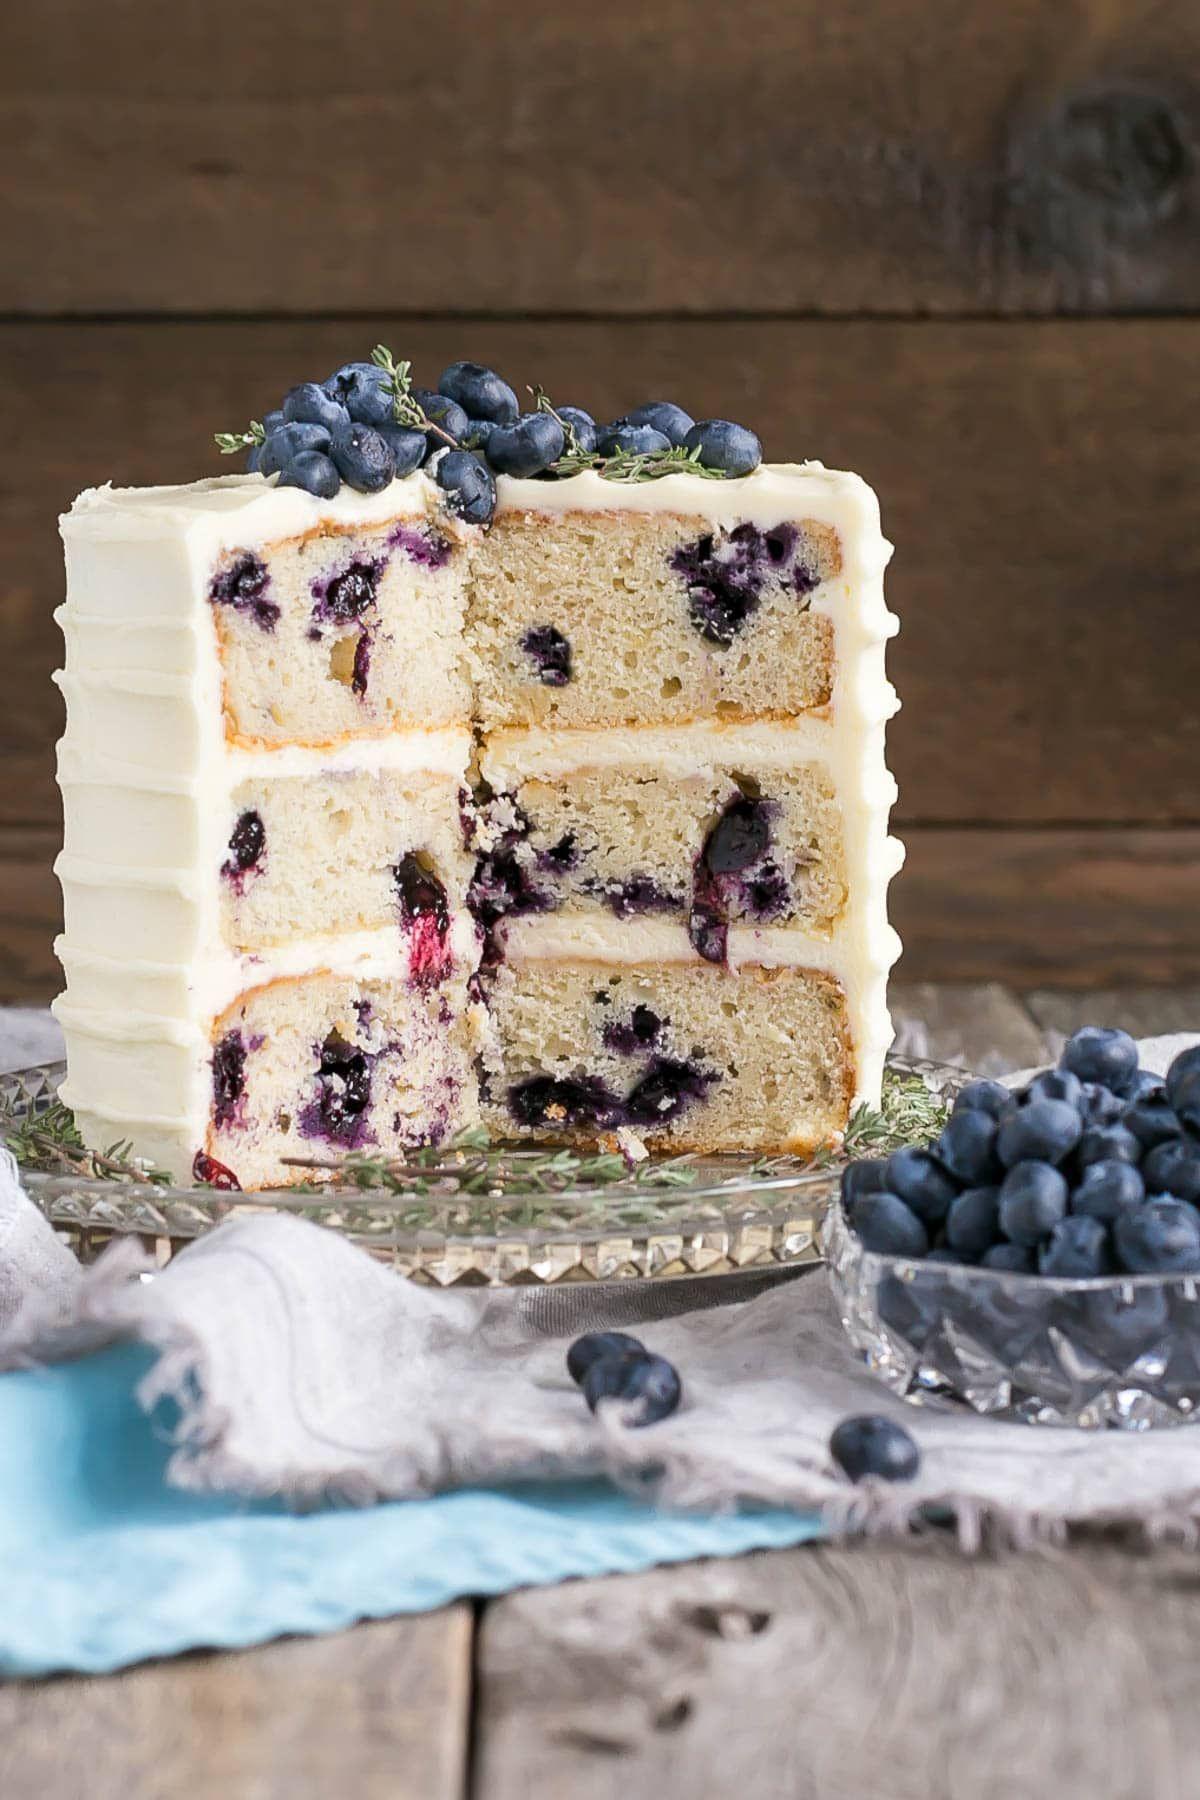 블루베리 바나나 케이크